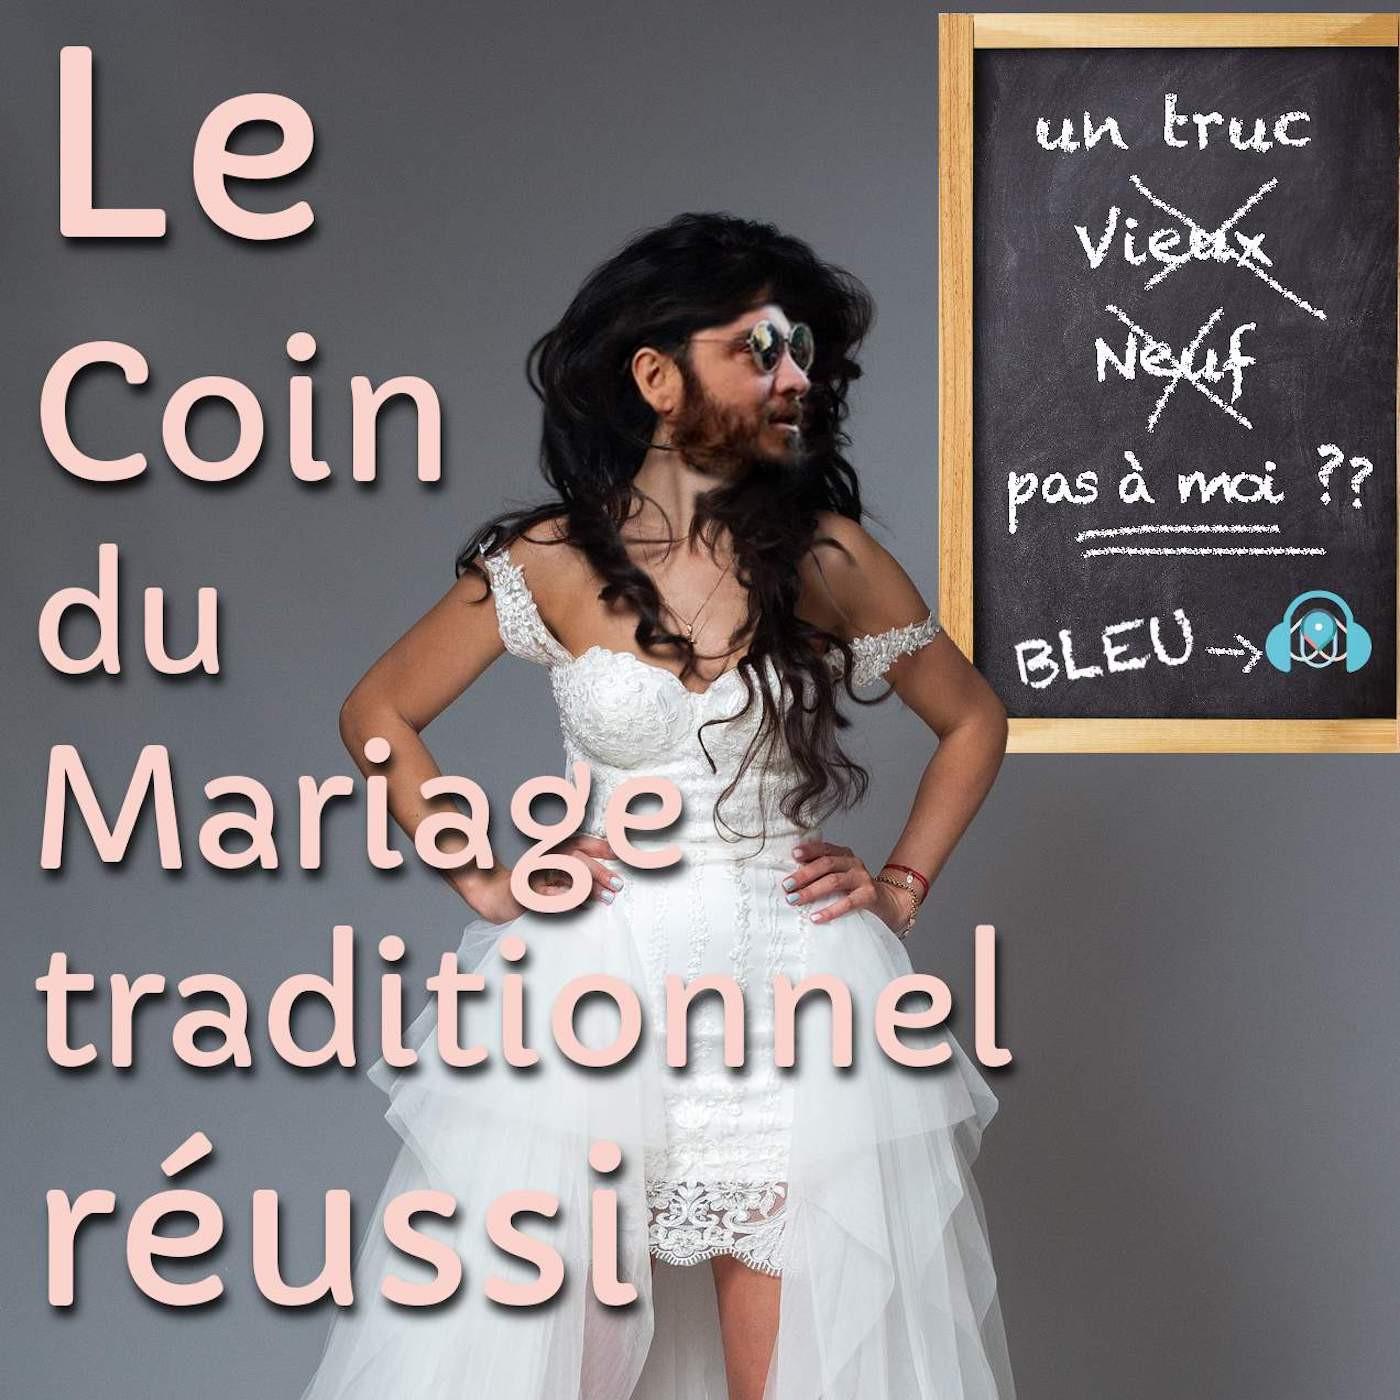 LE COIN DU MARIAGE TRADITIONNEL RÉUSSI